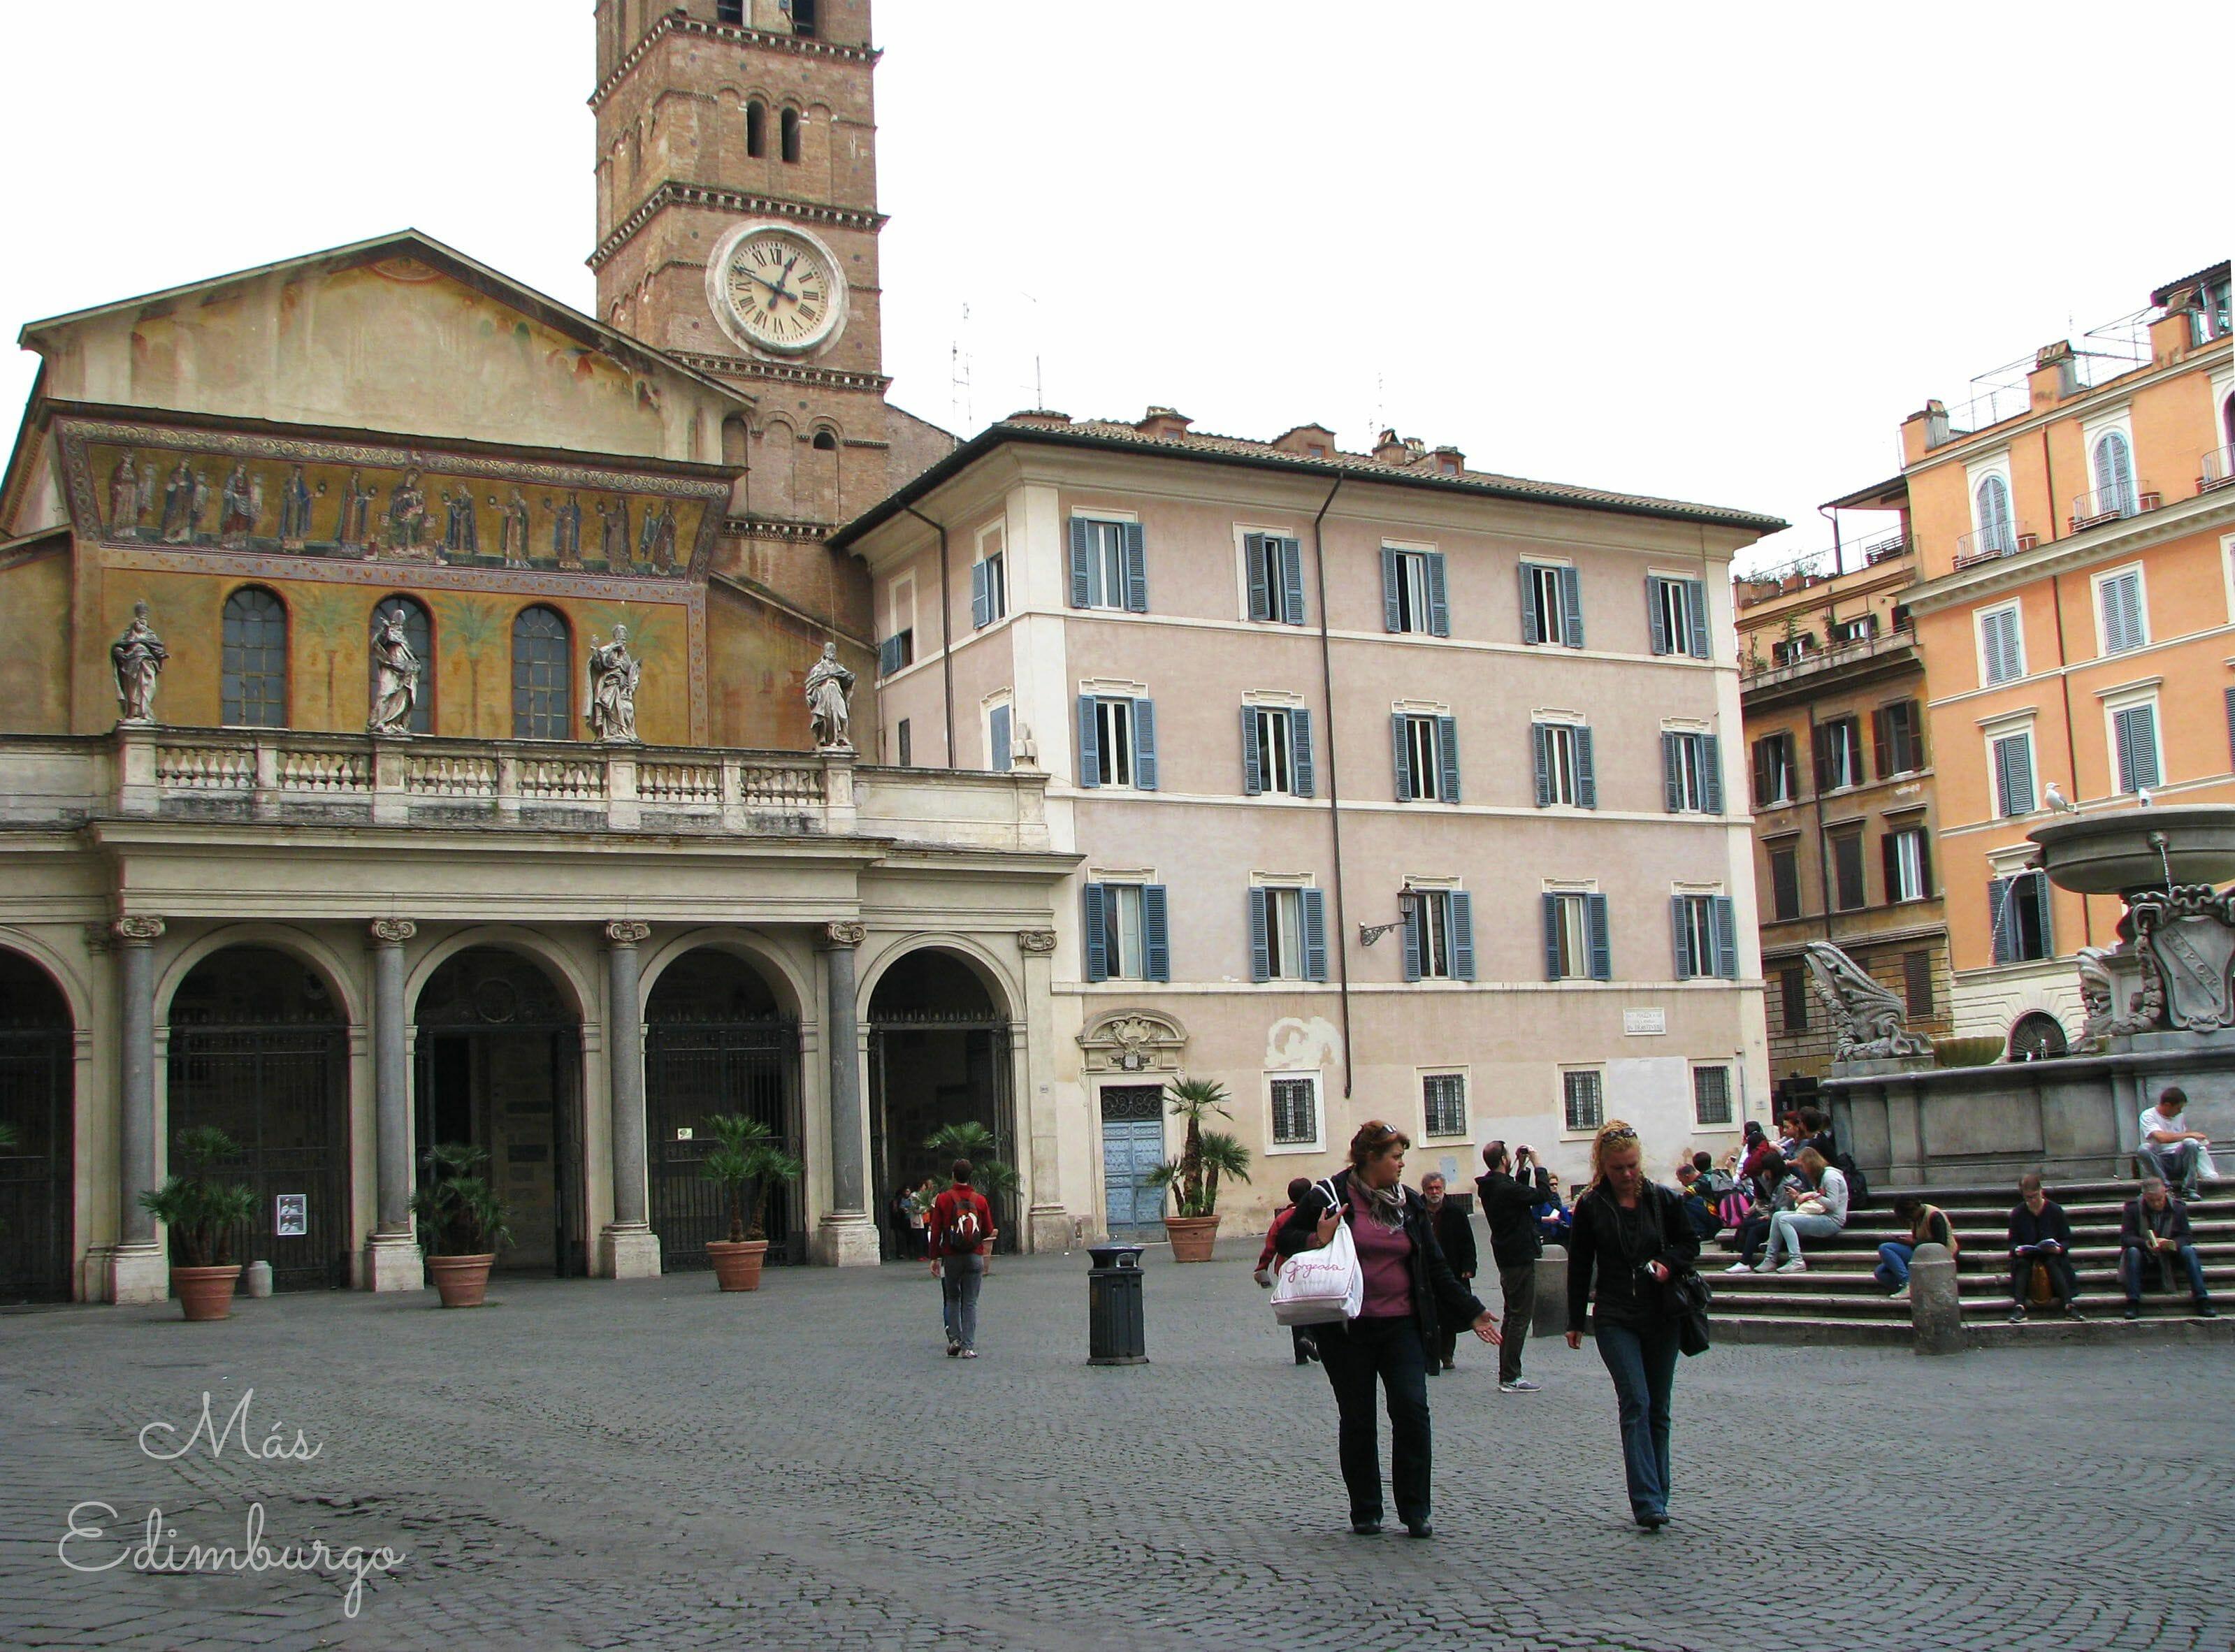 Trastevere, el barrio mas bonito de Roma Mas Edimburgo (6)